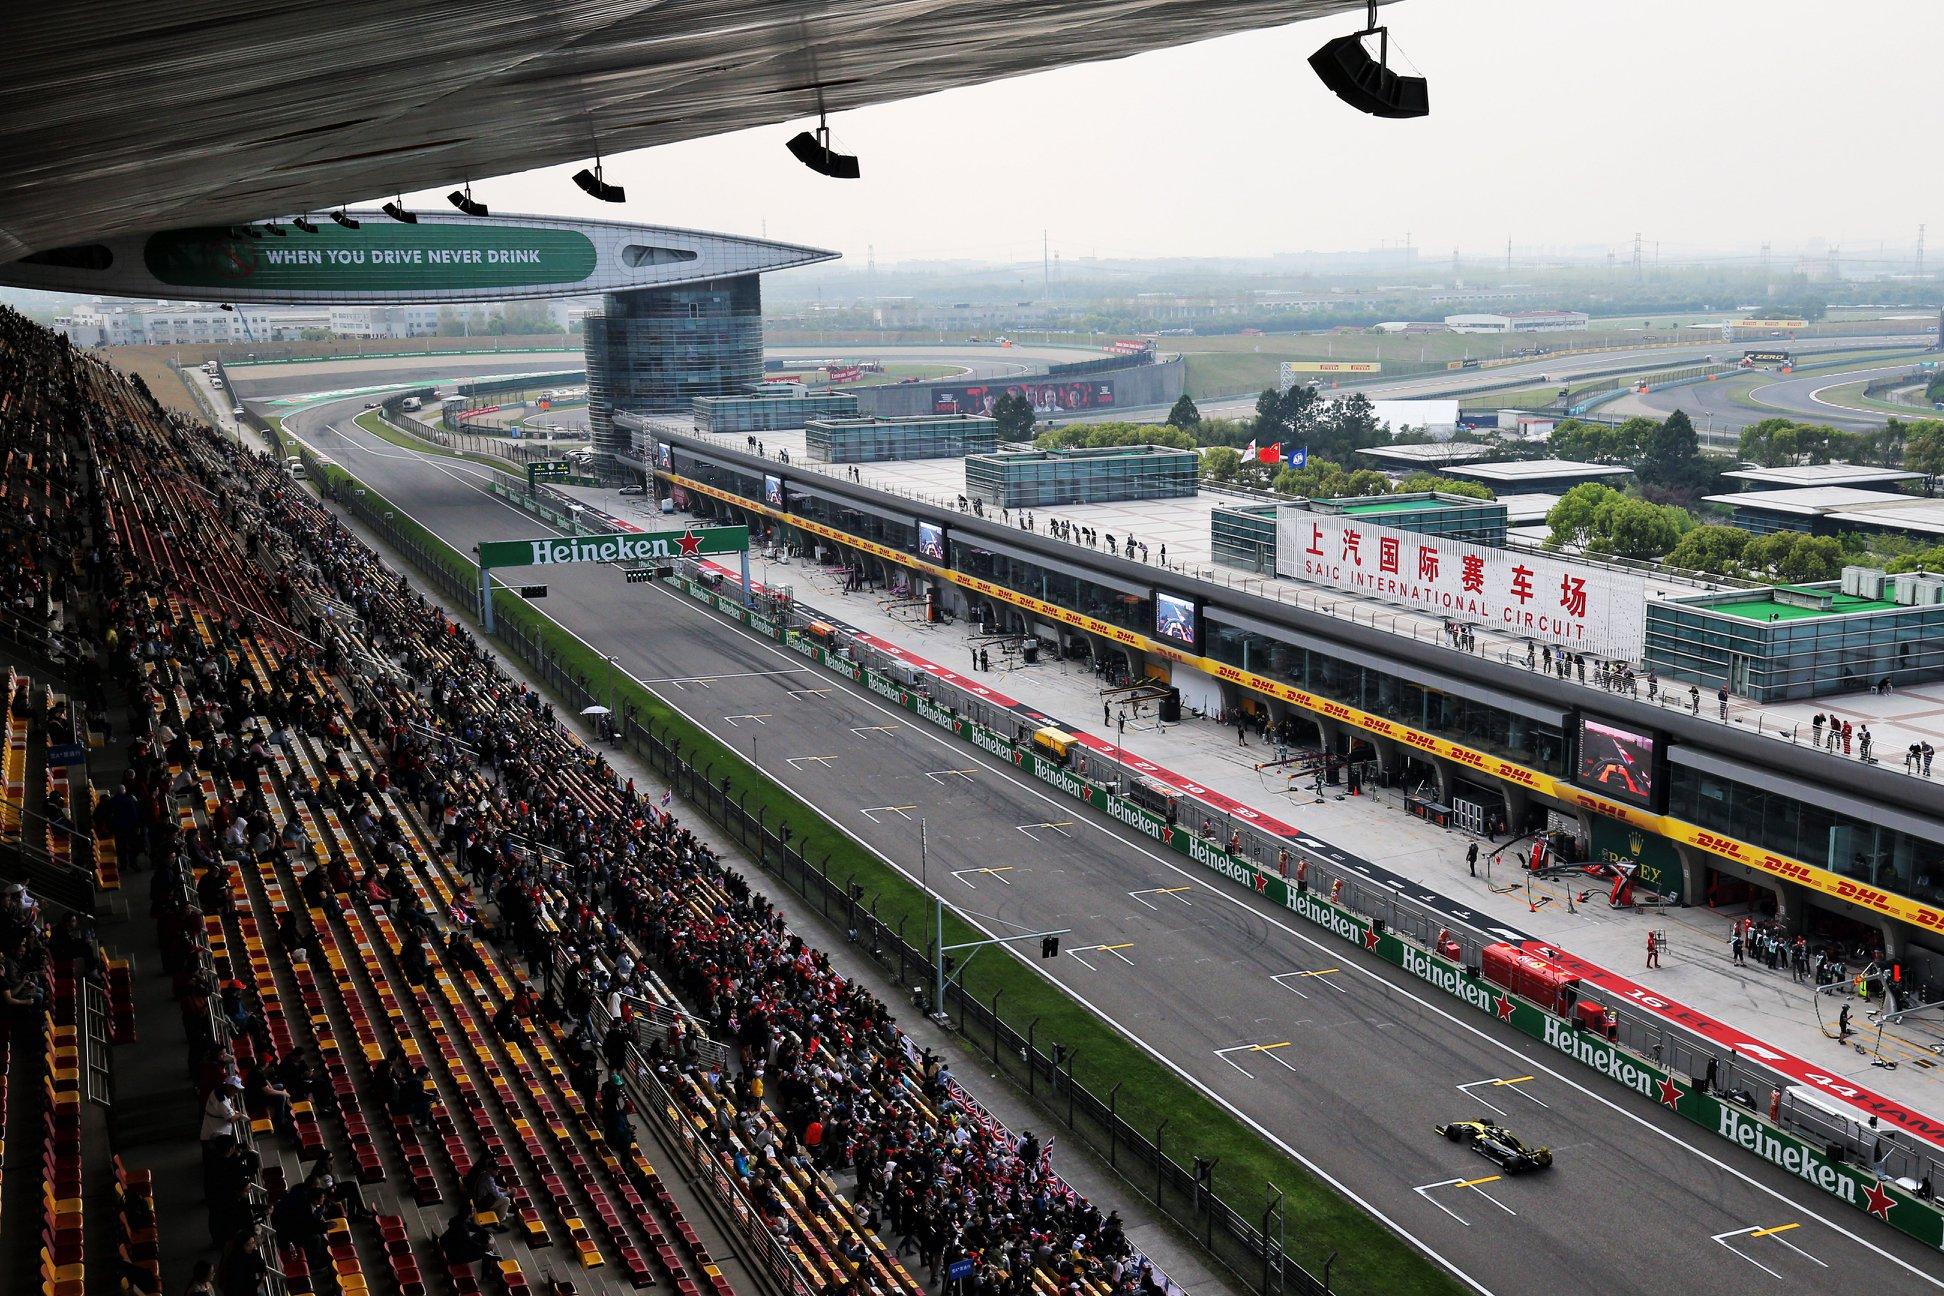 Šanchajaus trasoje vėl organizuojami sporto renginiai